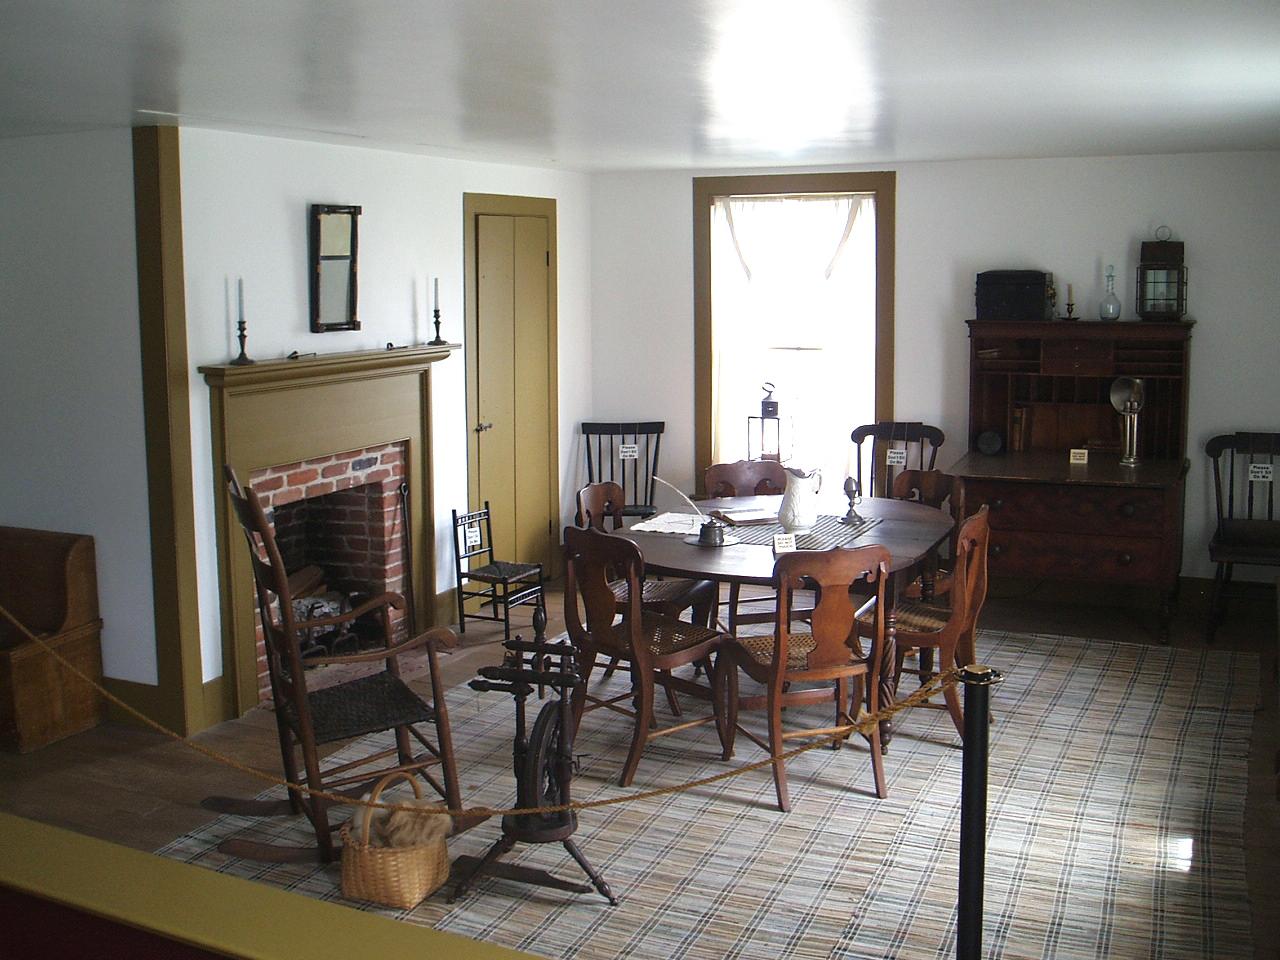 Ein Zimmer im oberen Stockwerk von Newel K. (und Elizabeth) Whitneys Geschäft. Hier bekam Joseph Smith 17 Offenbarungen.